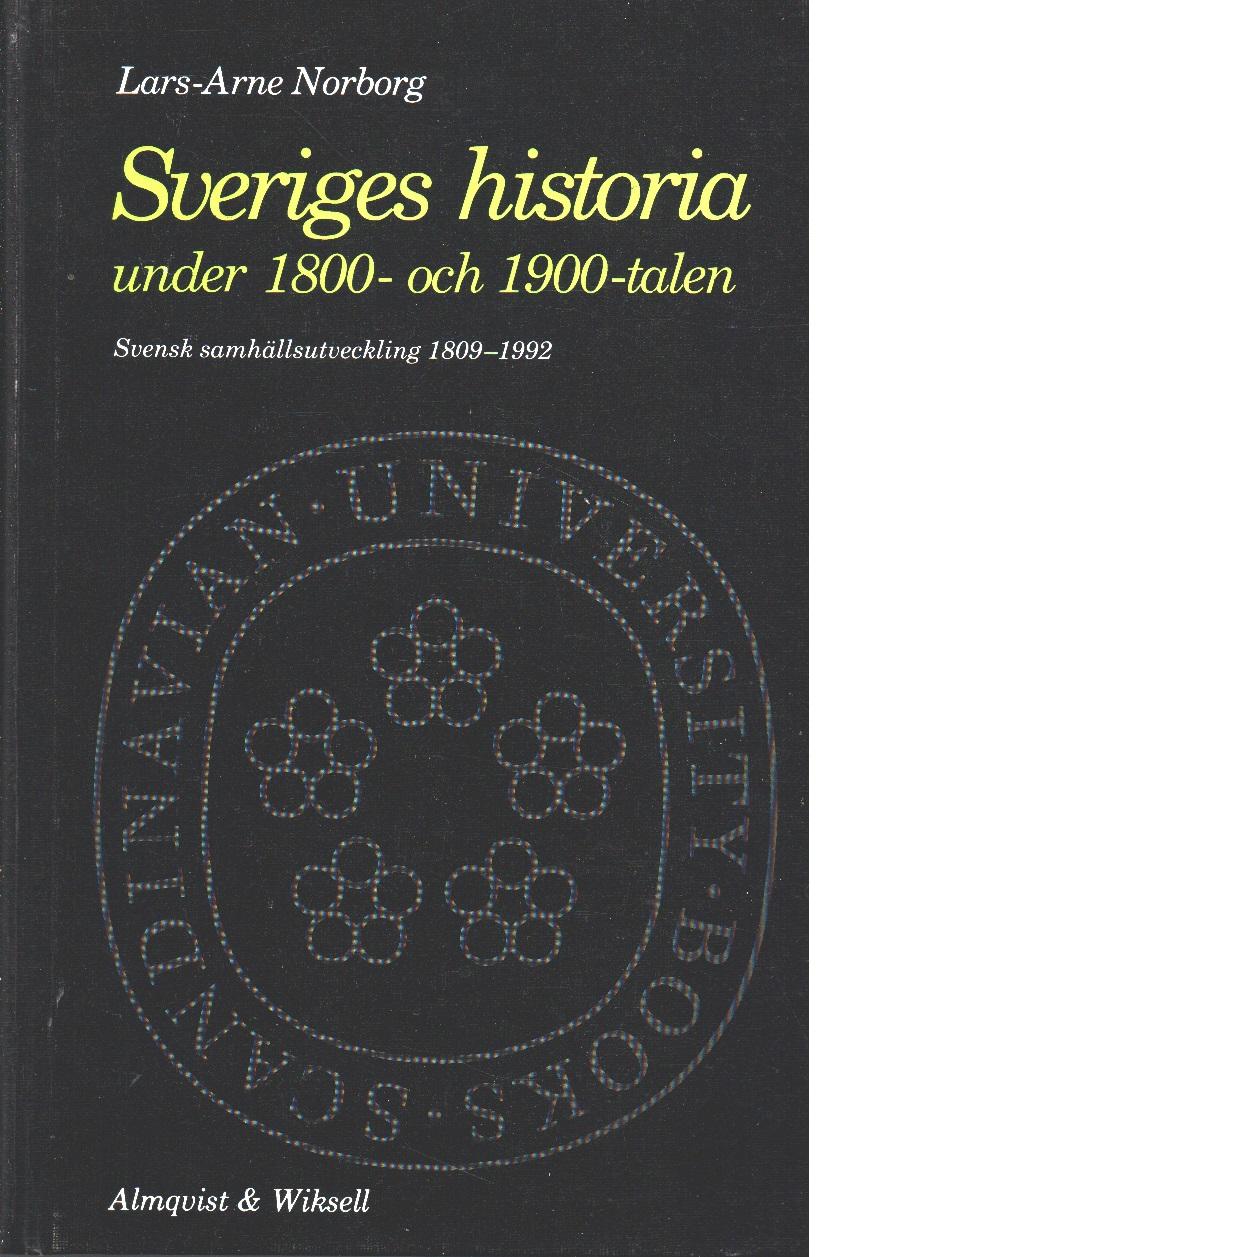 Sveriges historia under 1800- och 1900-talen : svensk samhällsutveckling 1809-1992 - Norborg, Lars-Arne